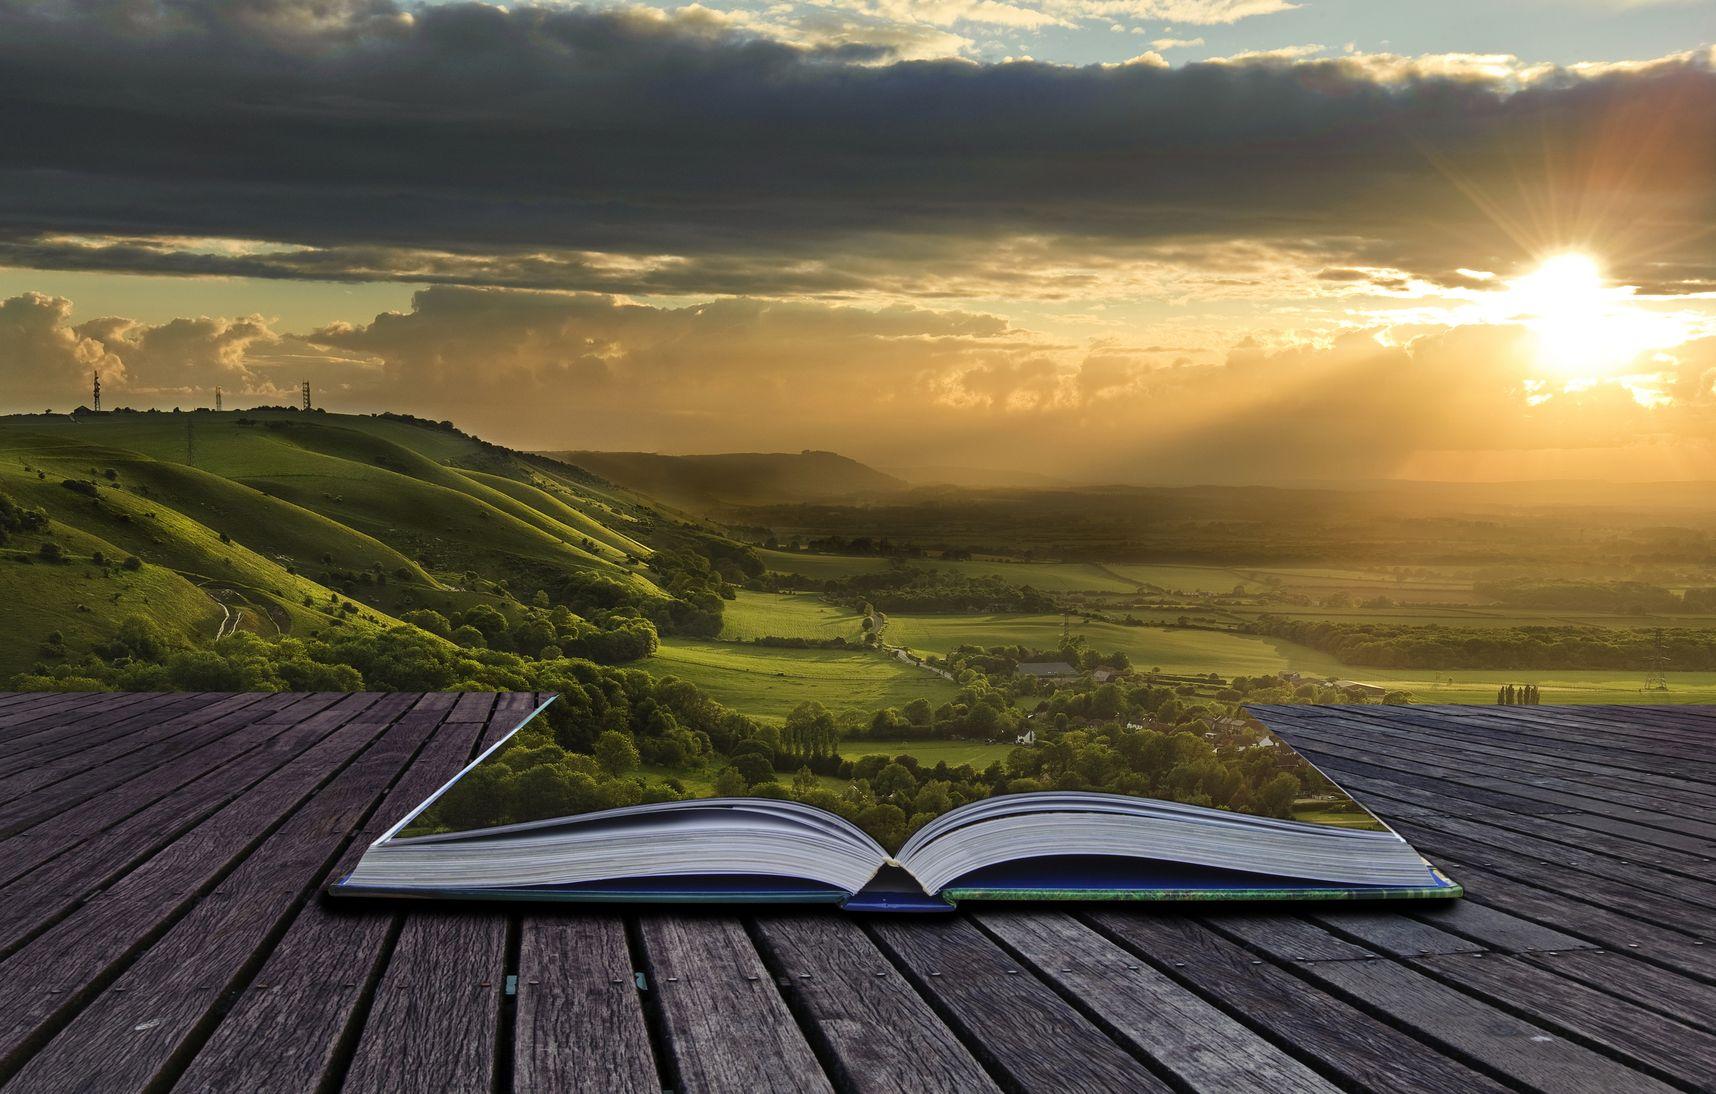 wiedza, książka, wyobraźnia